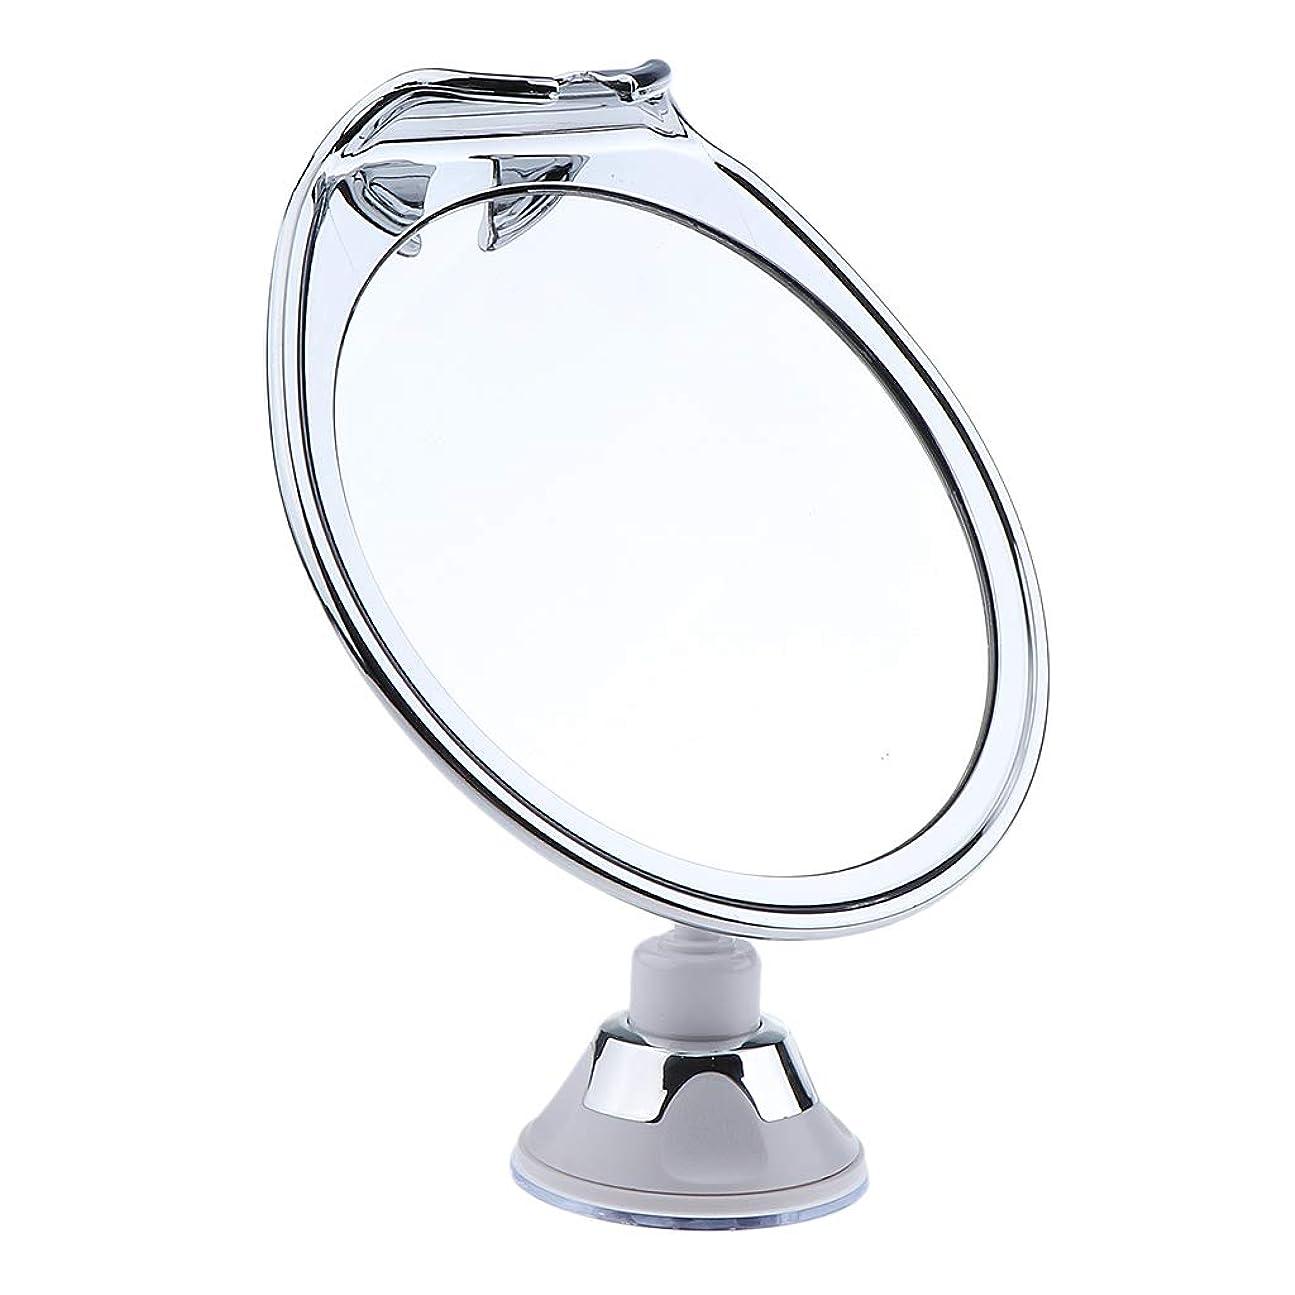 失われたホステルに頼るP Prettyia メイクアップミラー フォグレス 曇らない ミラー 吸引カップ 浴室鏡